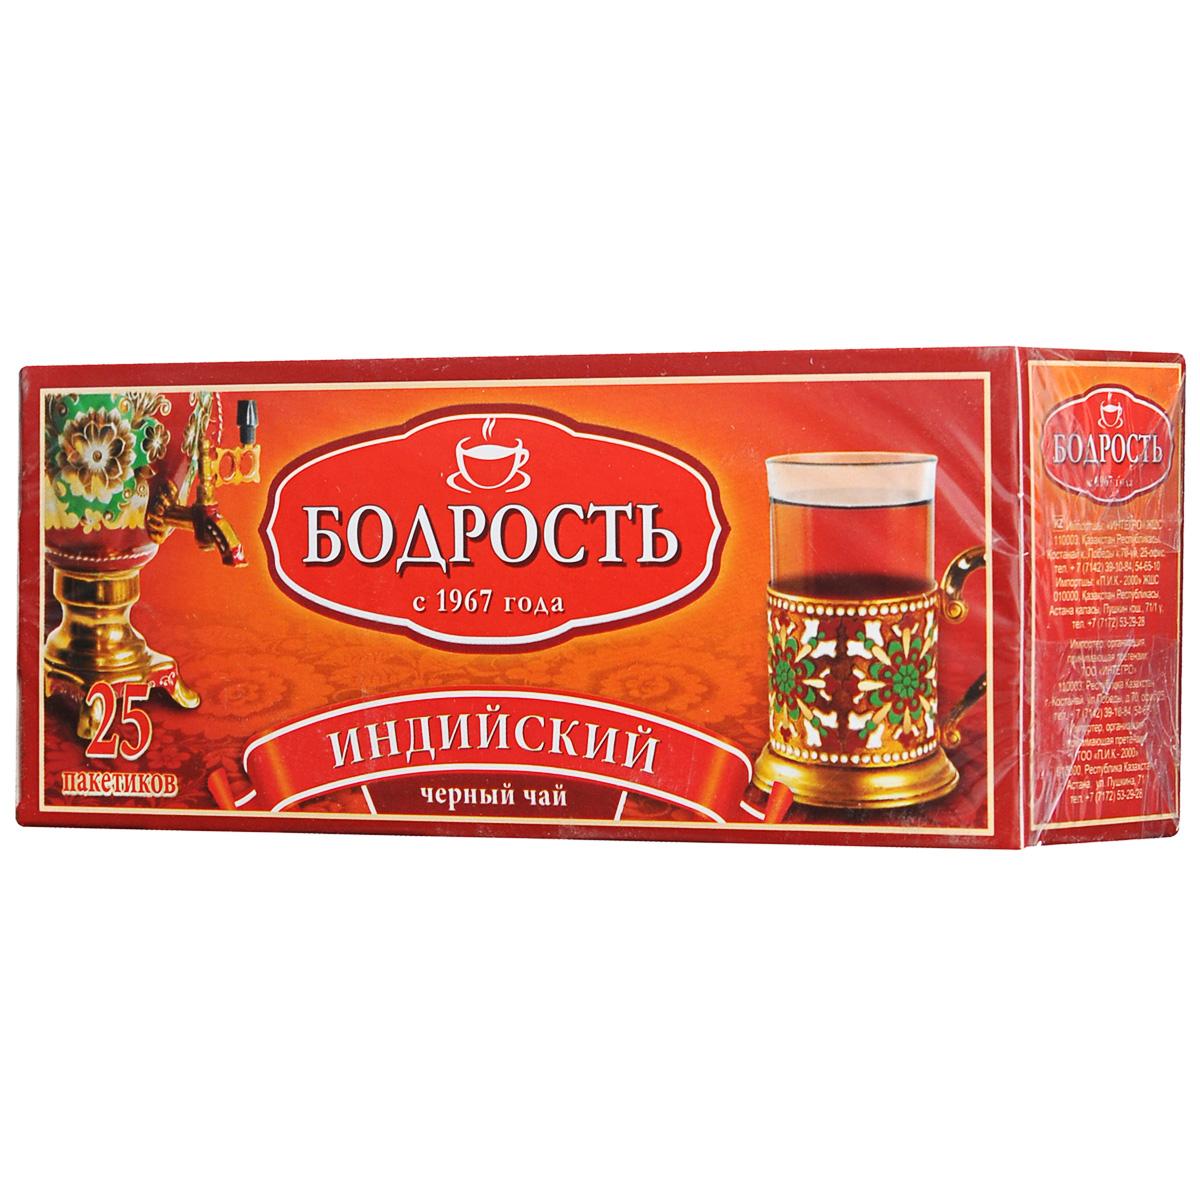 Бодрость Индийский черный чай в пакетиках, 25 шт1090101Черный чай Бодрость Индийский дает интенсивный терпкий настой благородного медного цвета с насыщенным ароматом и ярко выраженным богатым вкусом. Он хорошо заваривается, мгновенно отдавая напитку свои многочисленные ценные природные качества.